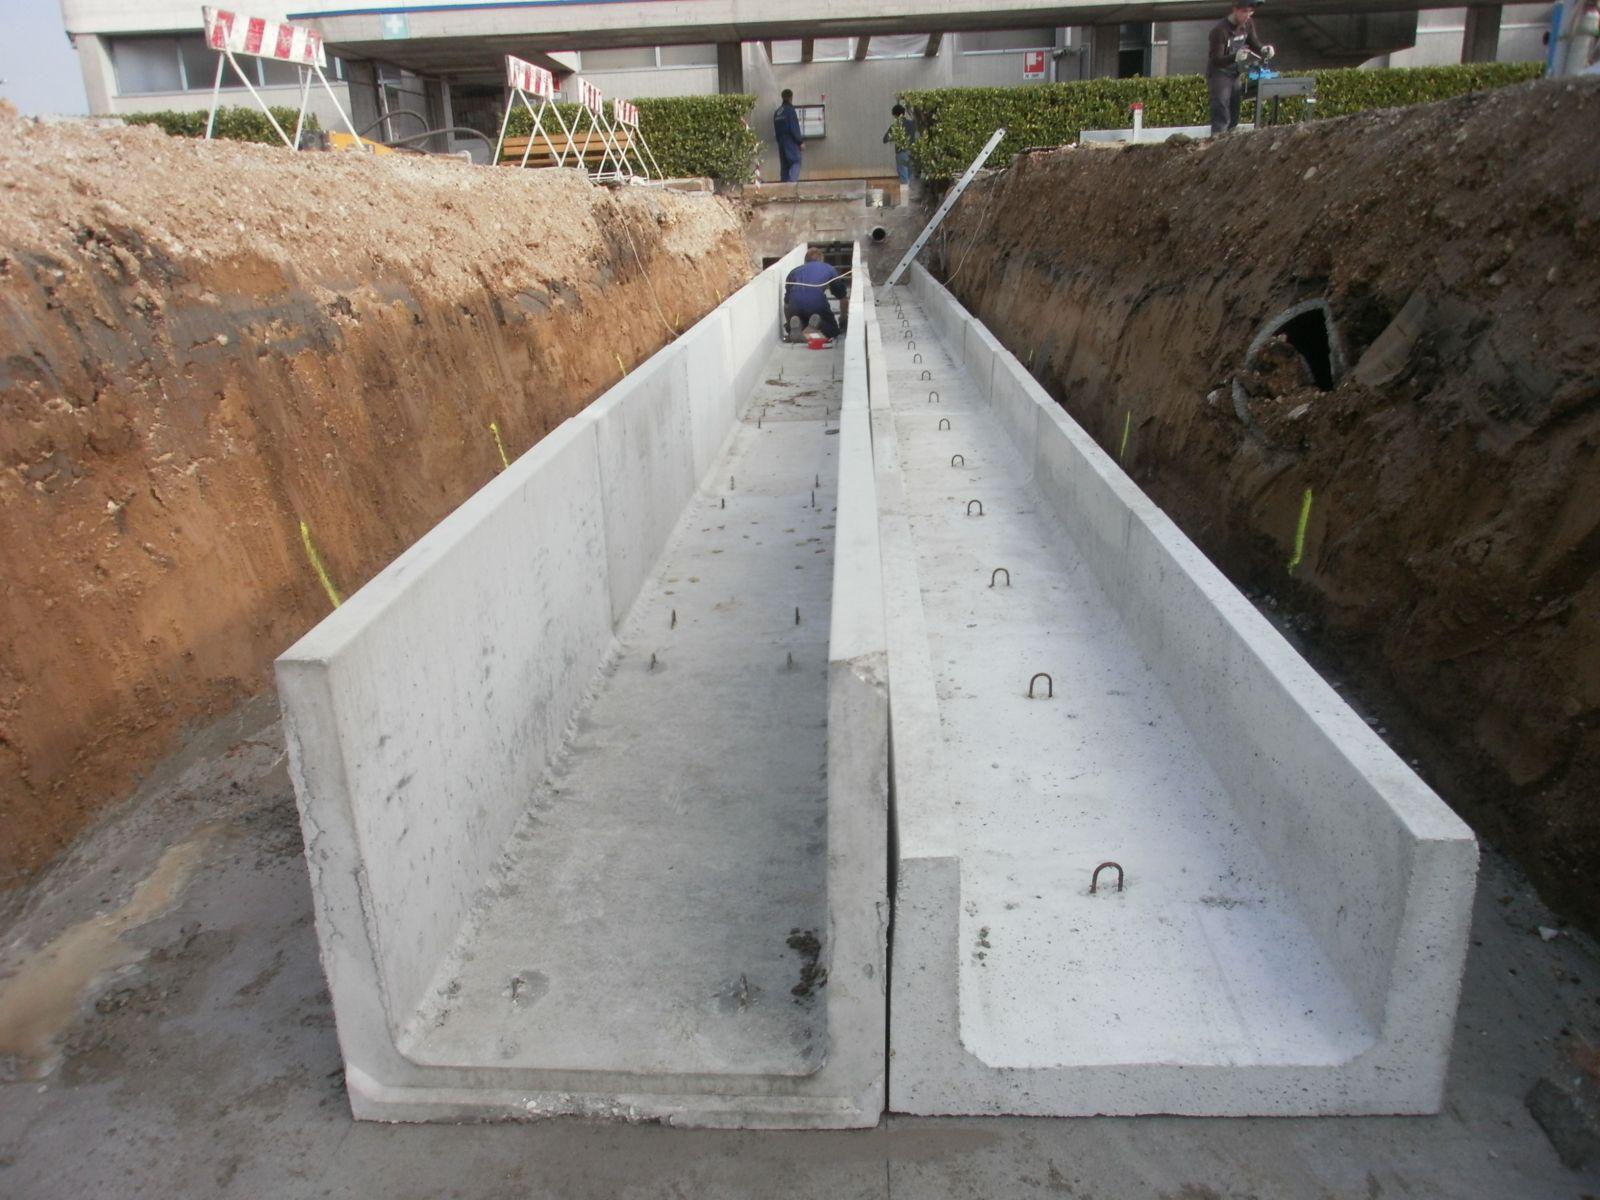 cantiere Laverda Marostica - Canali tecnici canalizzazioni-a-cielo-aperto